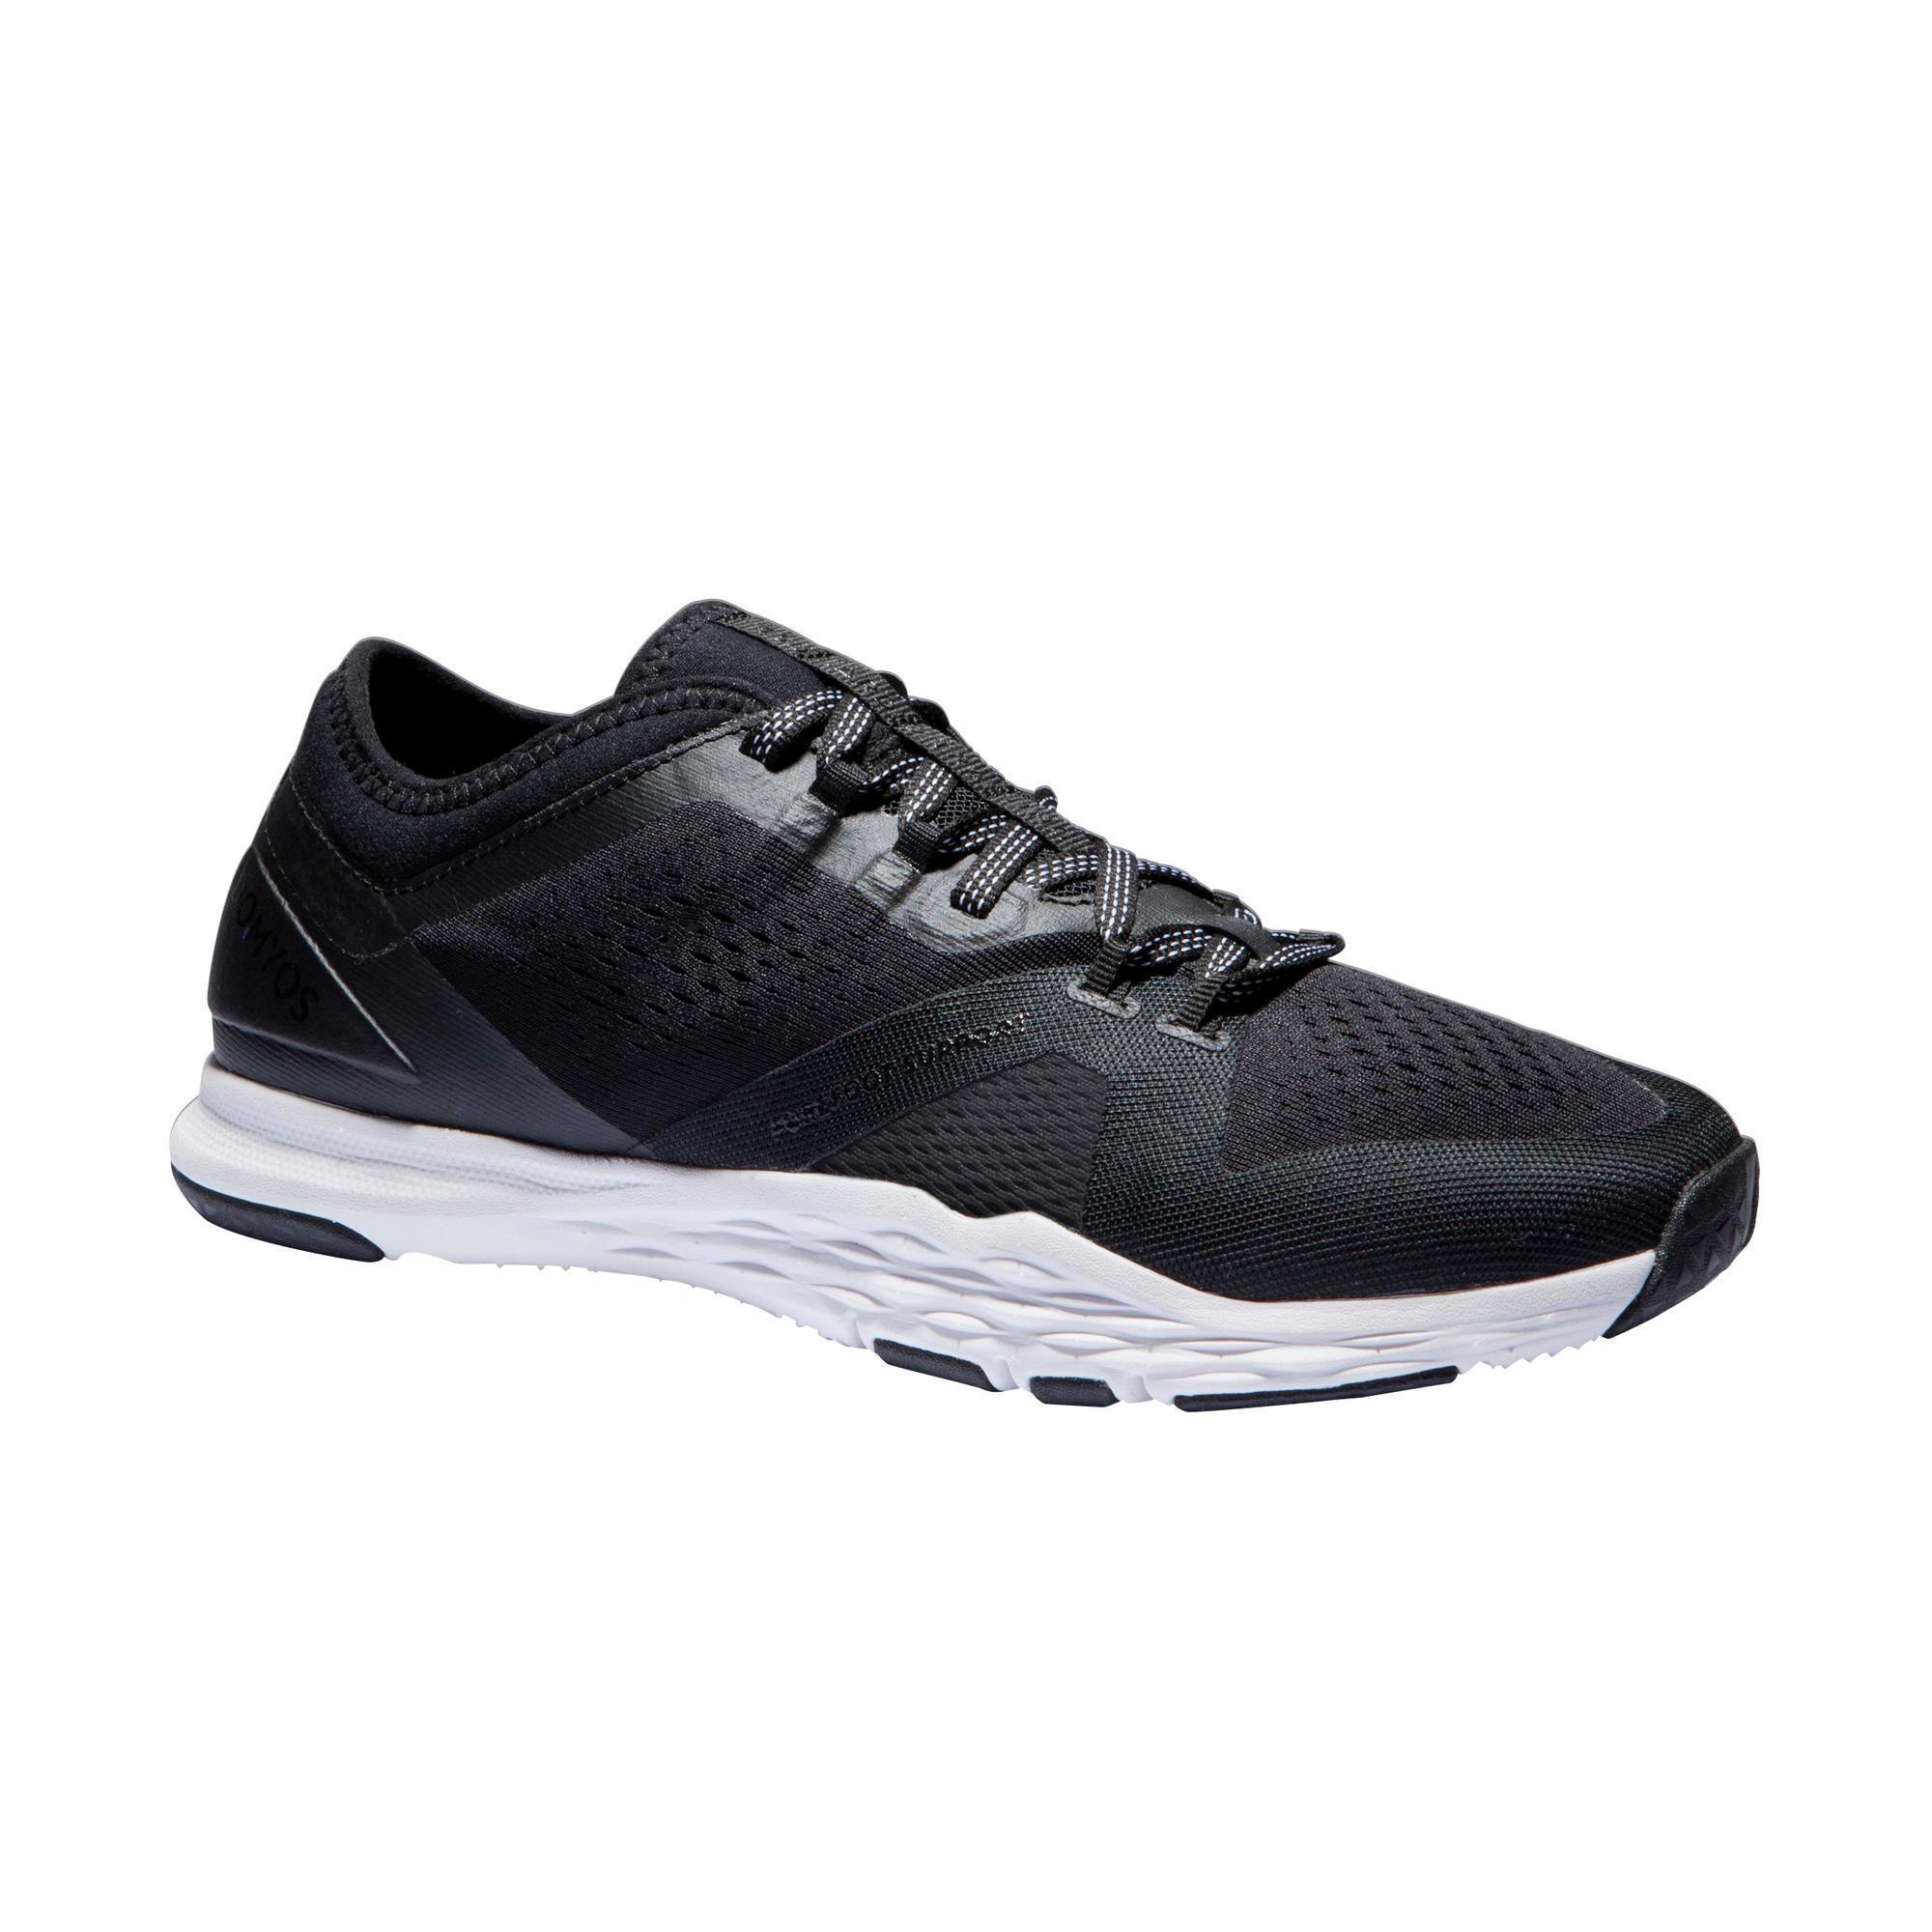 Fitness schoenen kopen met voordeel